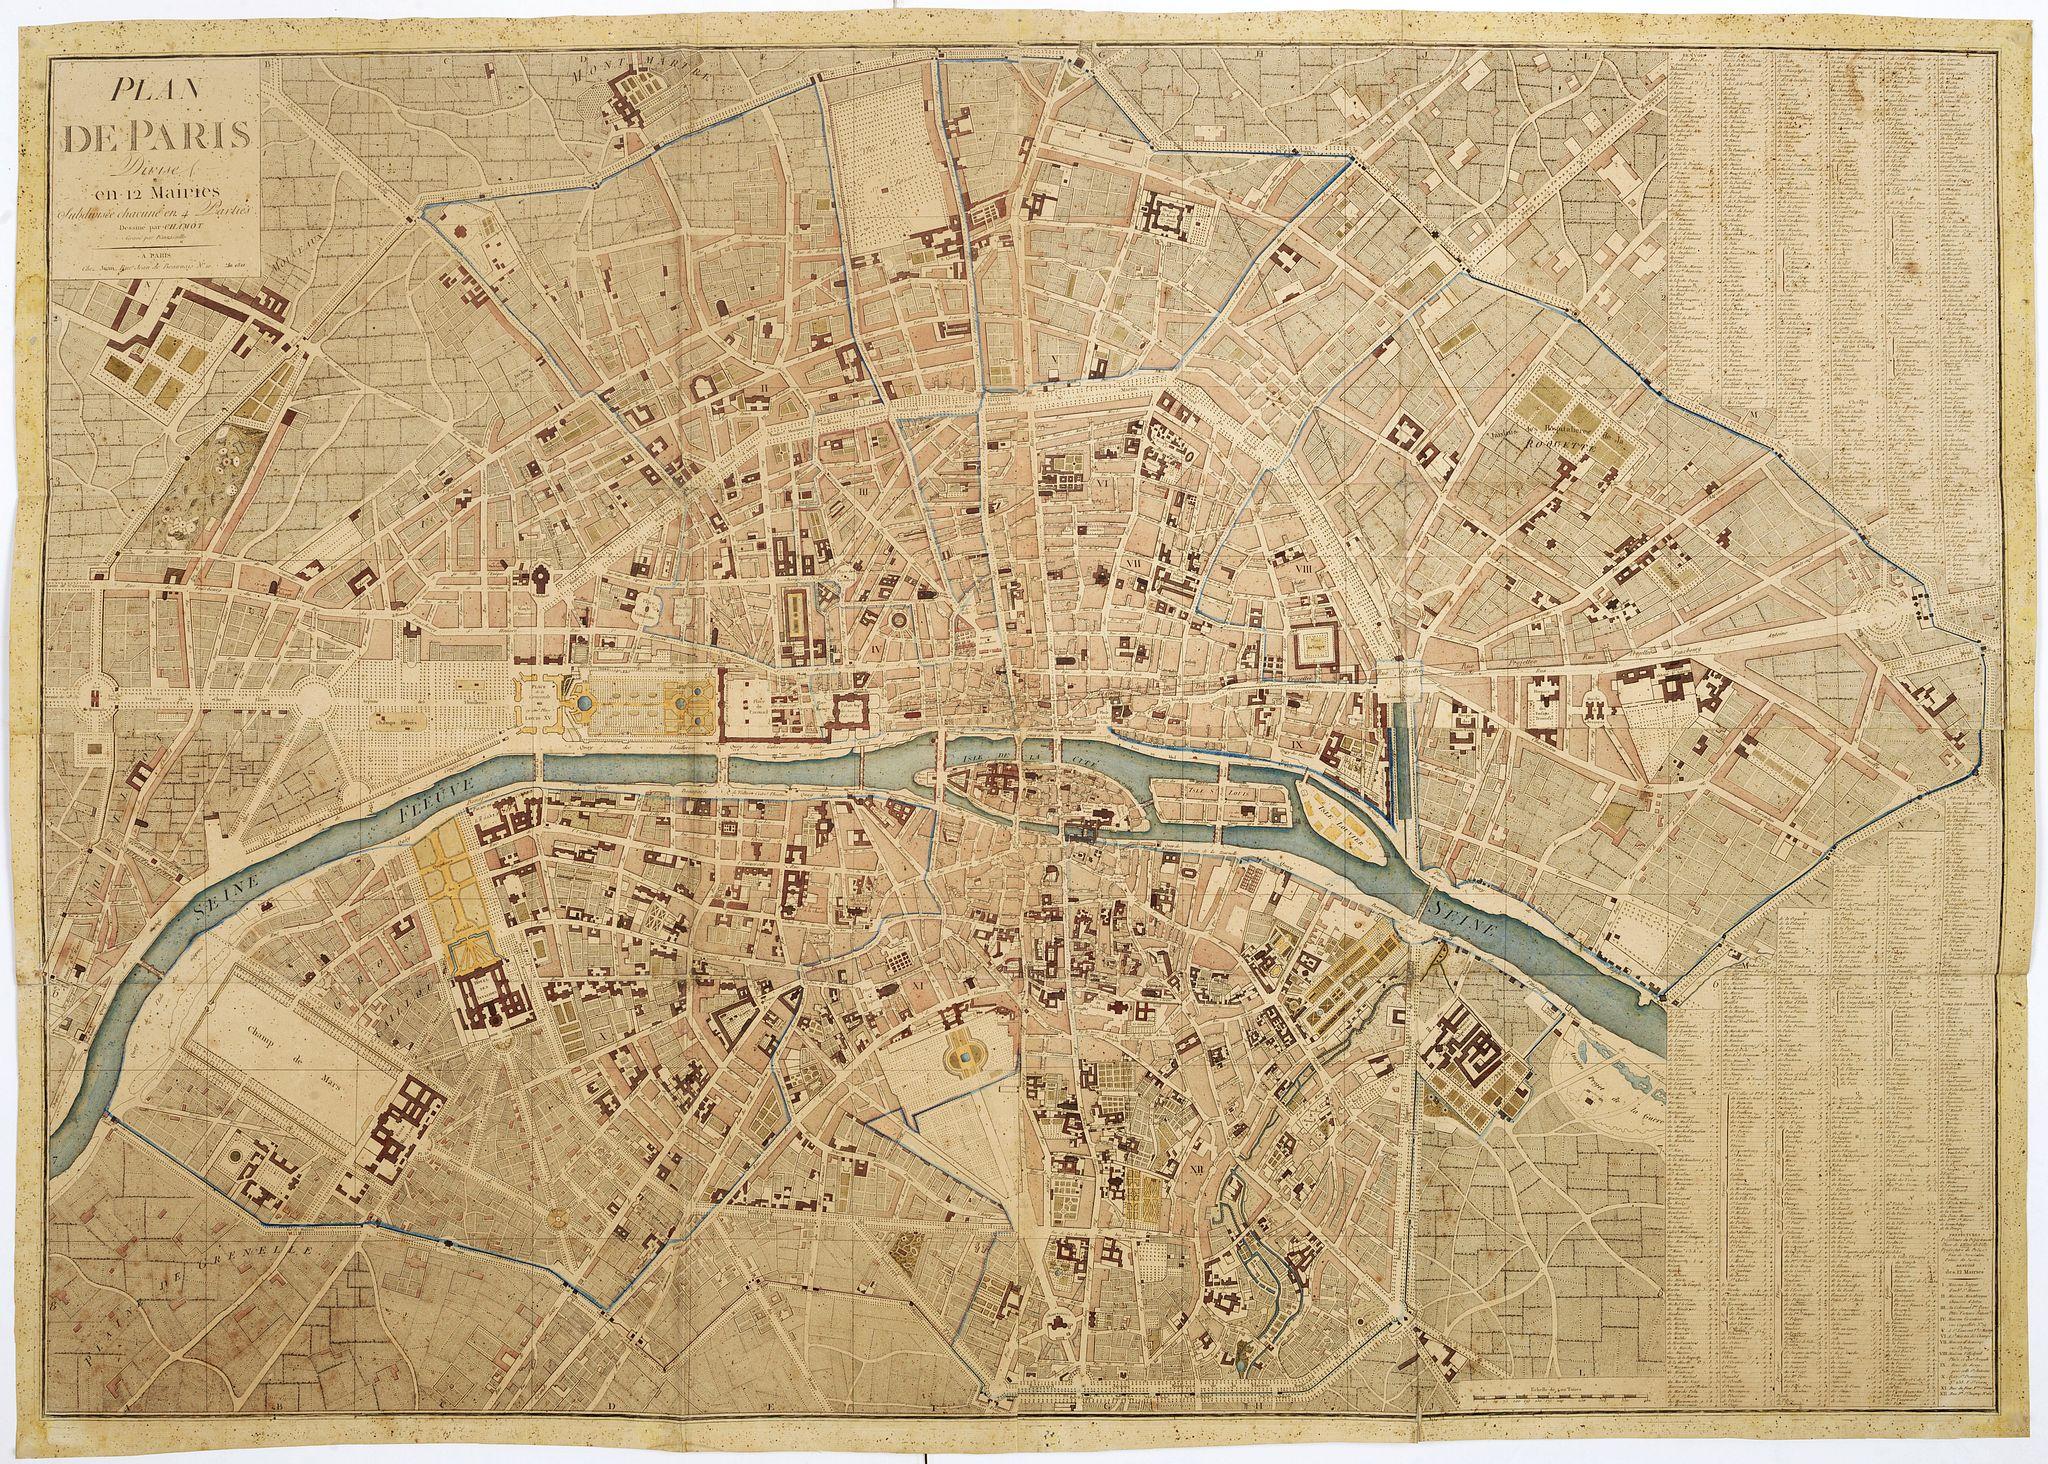 CHAMOT. -  Plan de Paris divisé en 12 mairies subdivisée chacune en 4 parties.